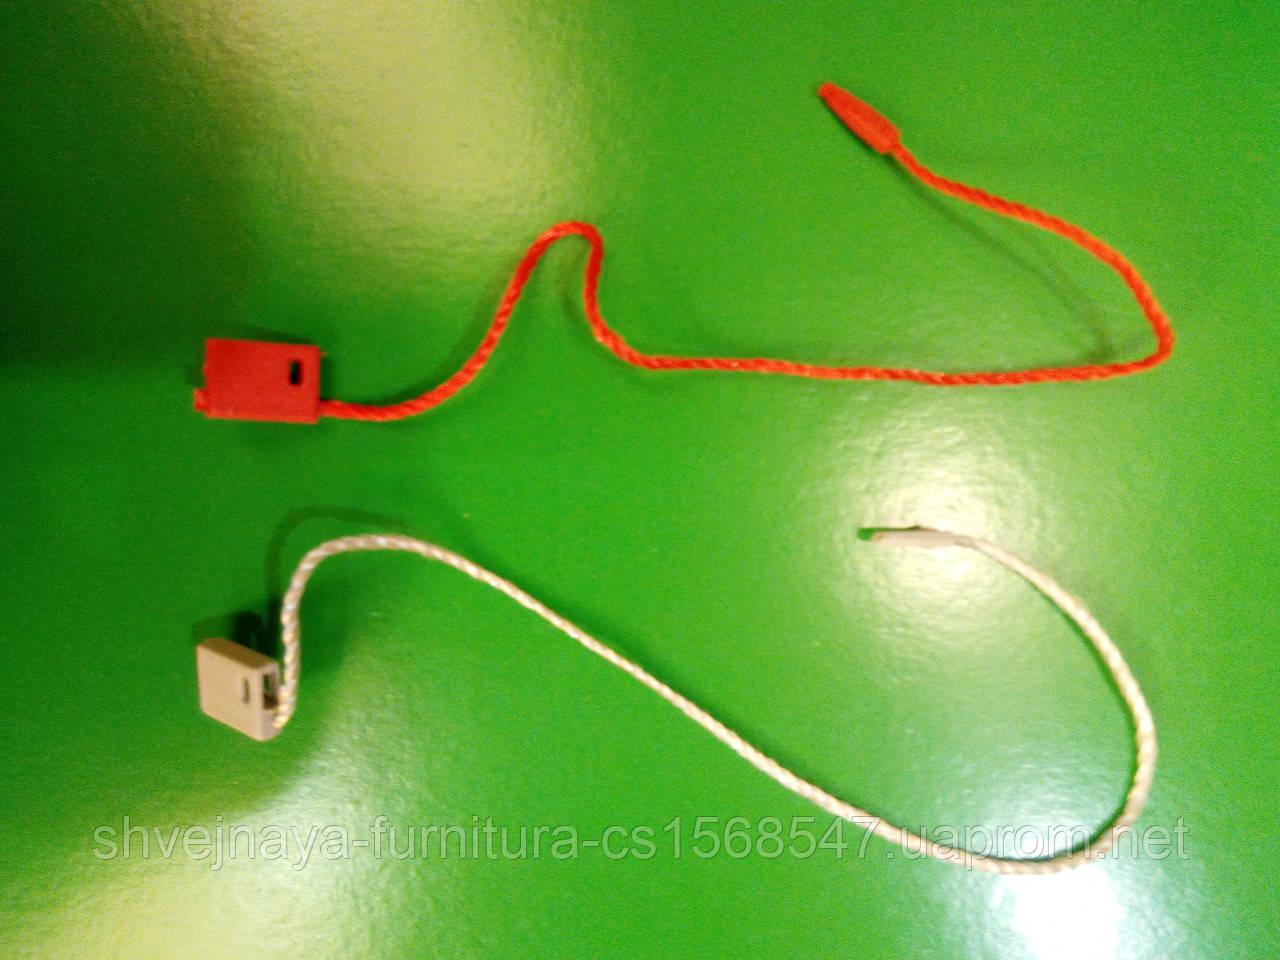 Пломба верёвка - интернет-магазин «ЗАШИВАЙКА» в Харькове